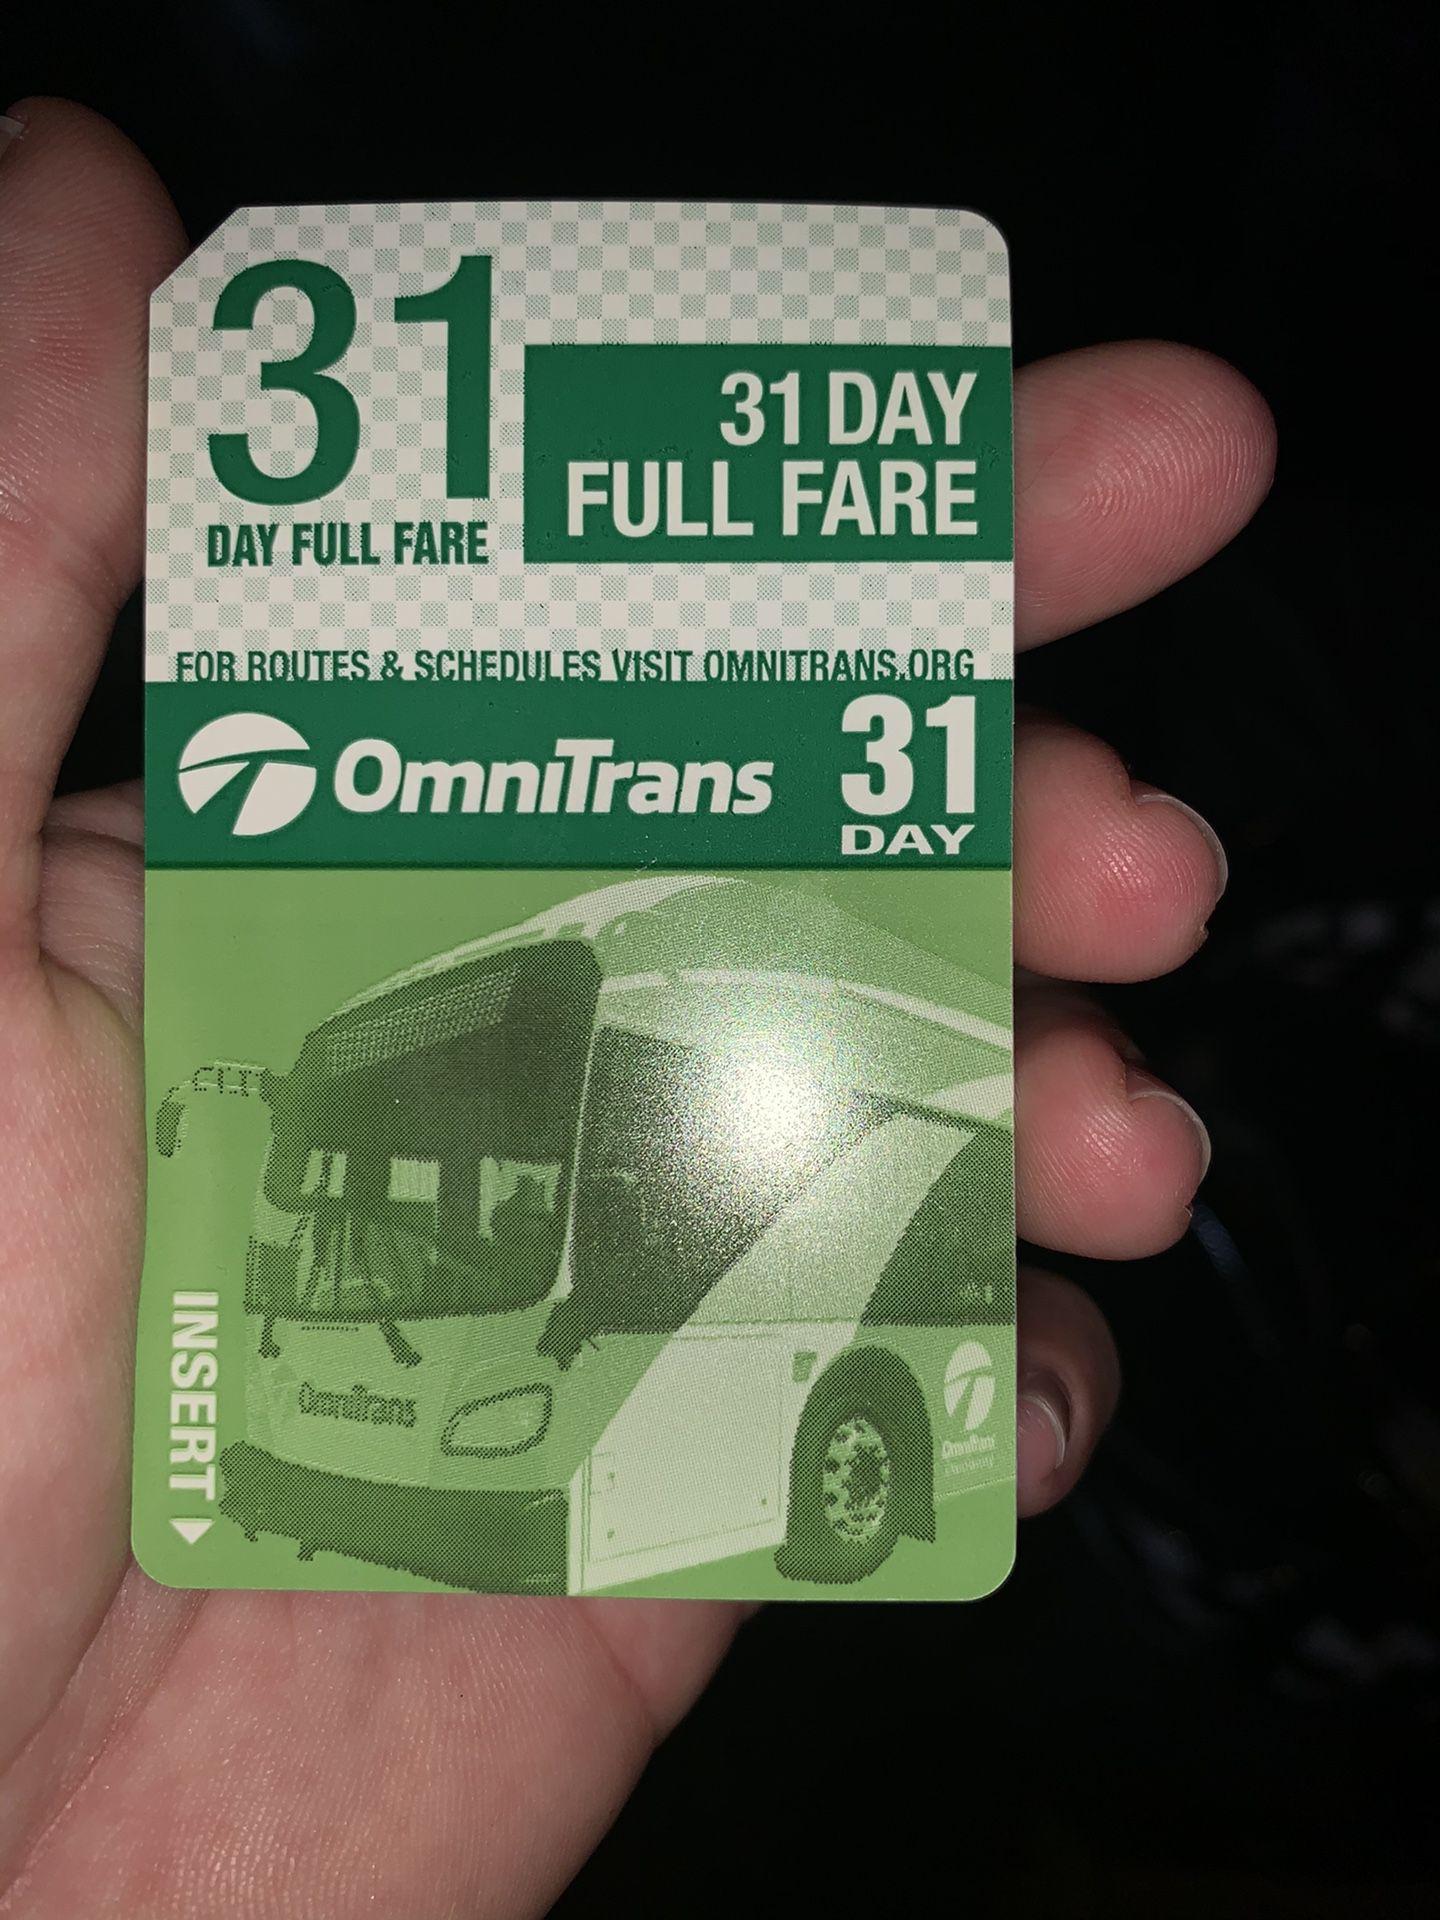 New bus pass